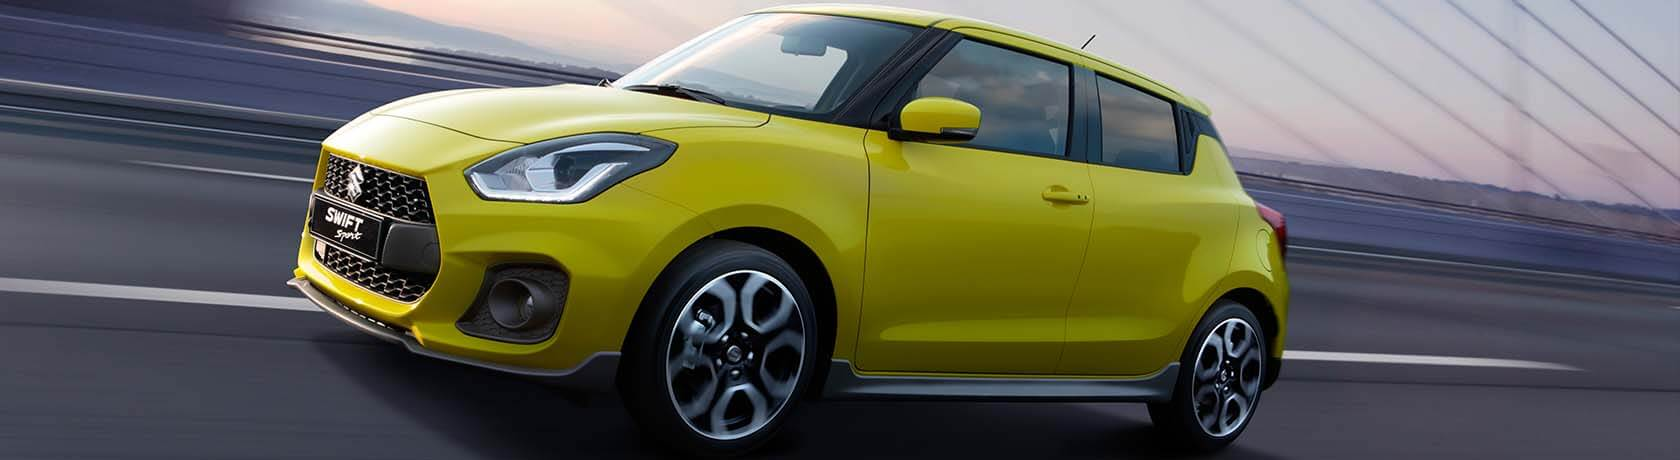 New Suzuki Swift Sport for sale in Cairns - Trinity Suzuki